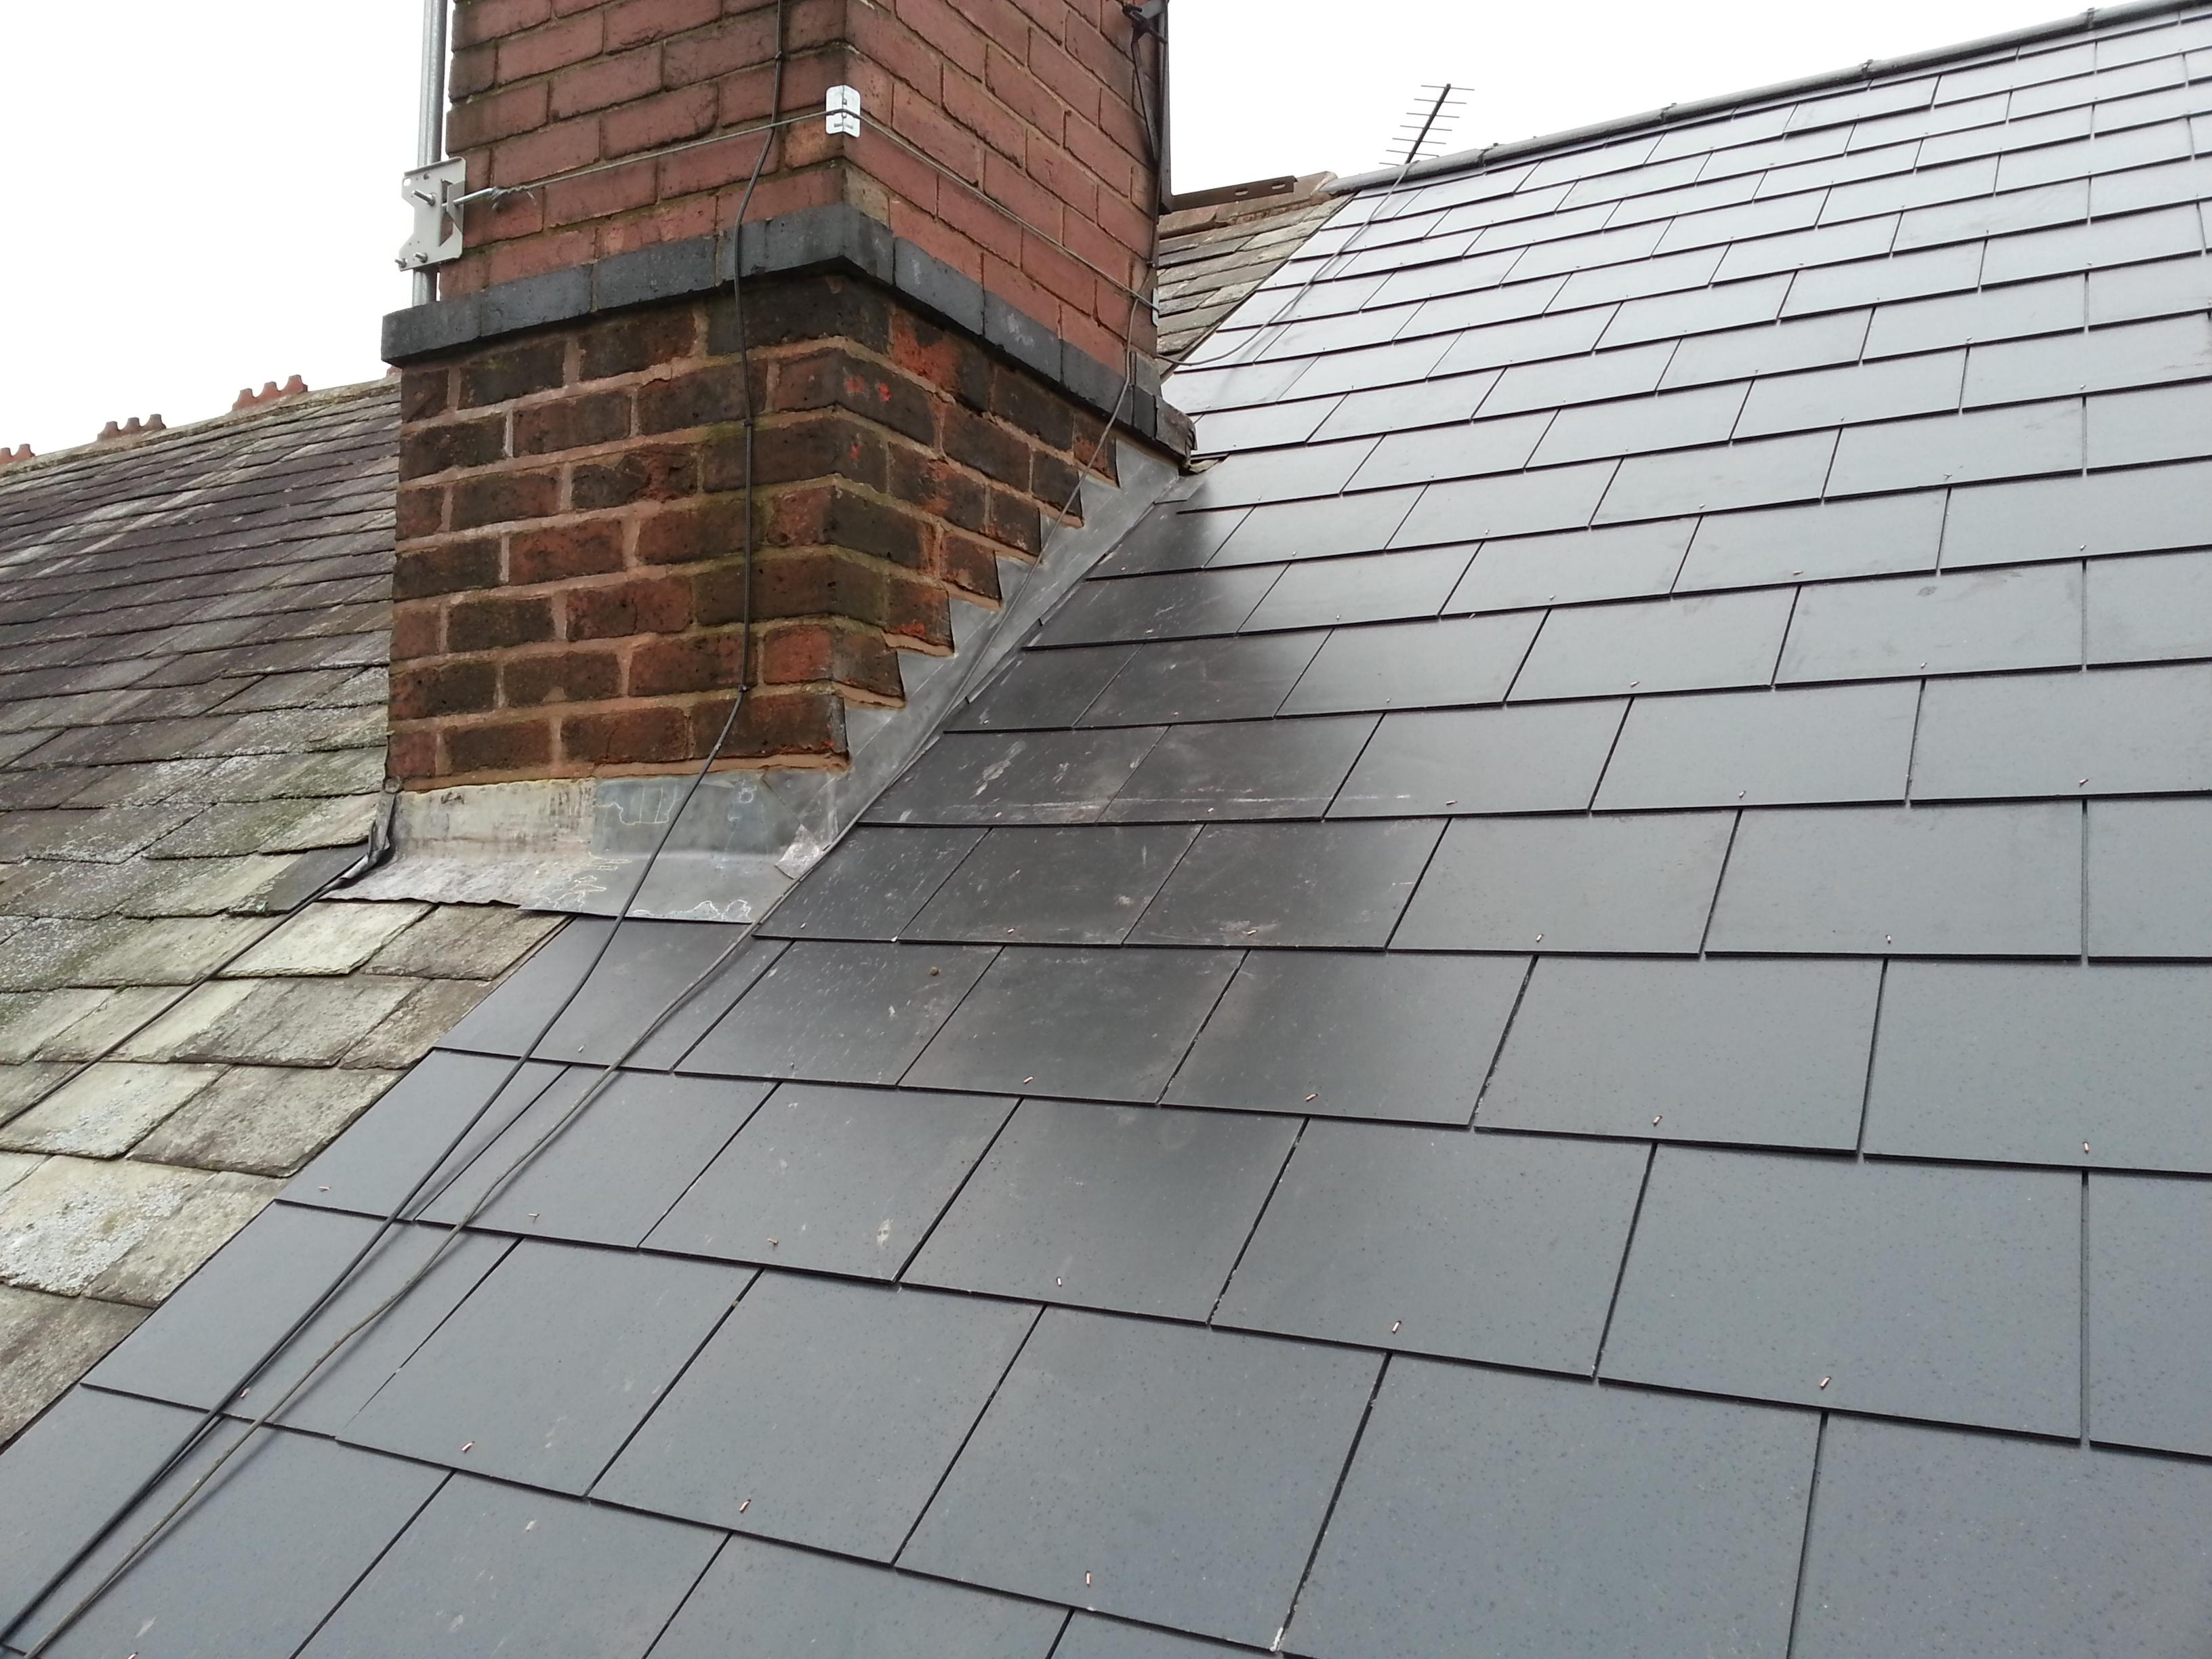 Slate tiled roof.